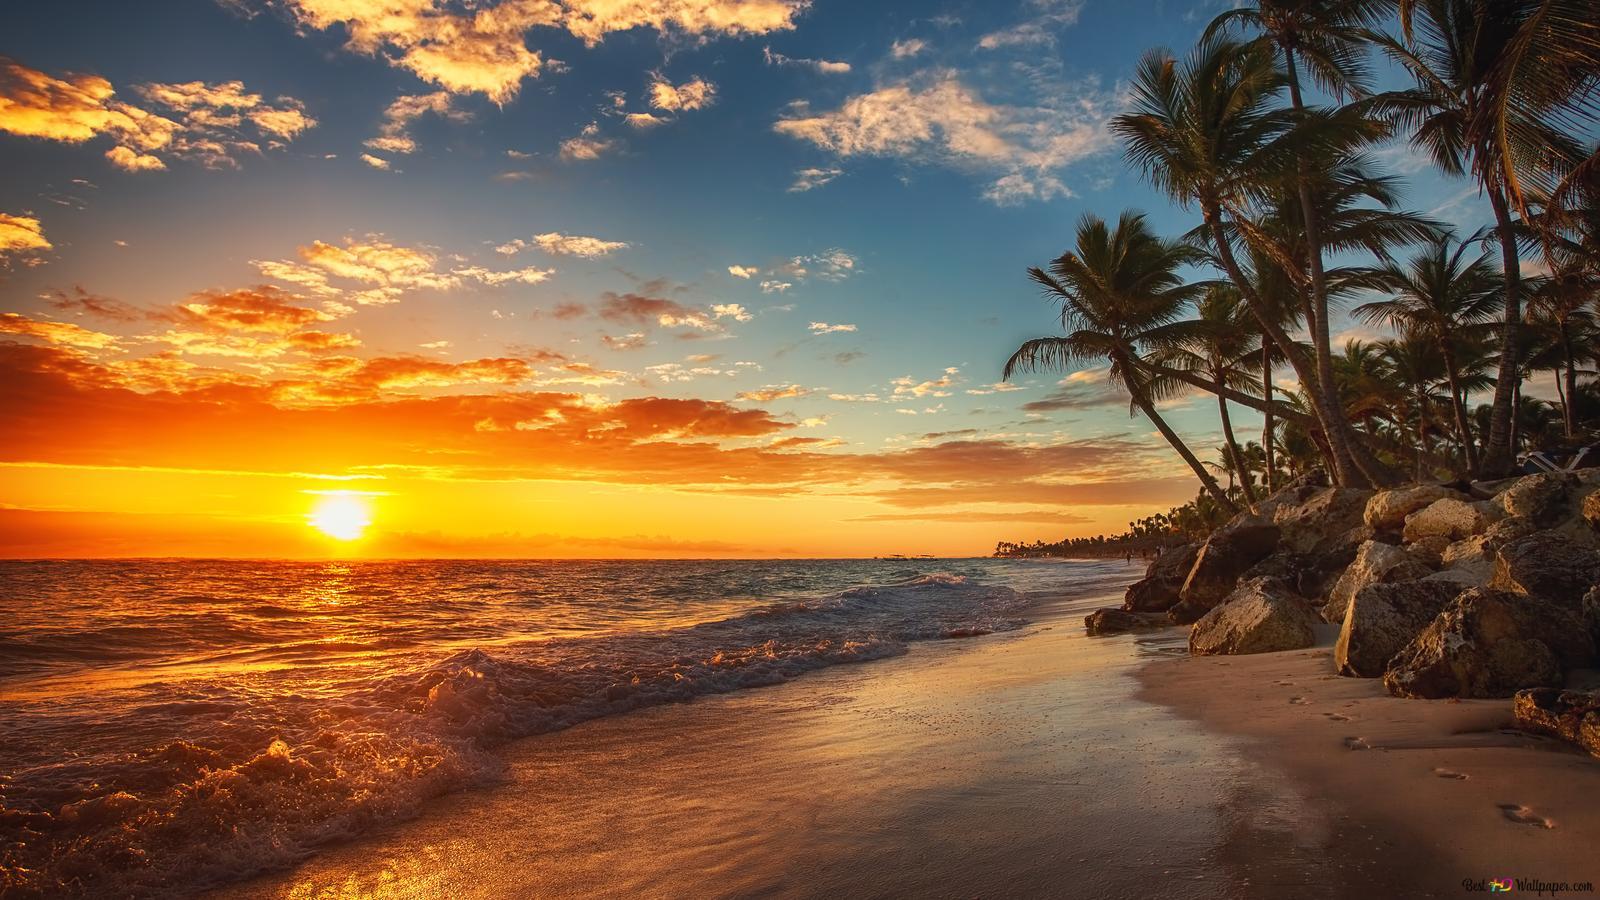 海のビーチの夕日 Hd壁紙のダウンロード